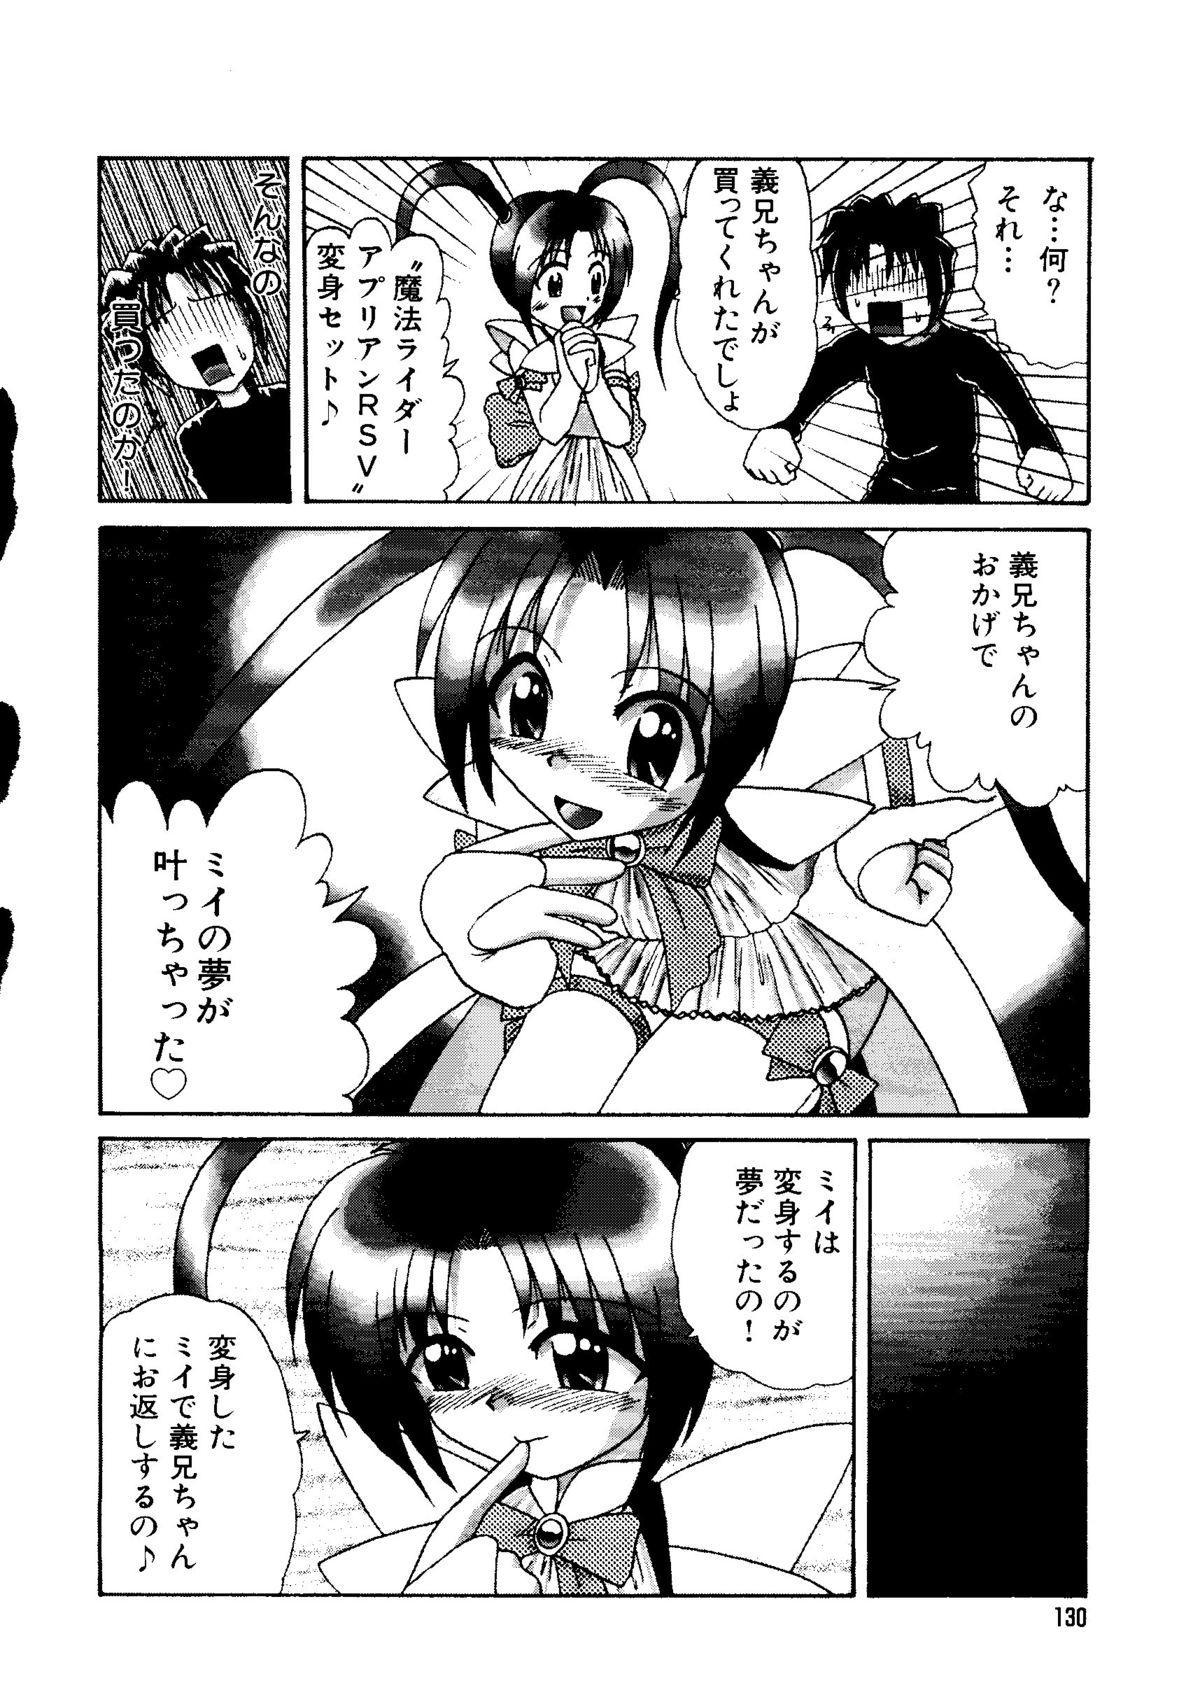 Mujirushi Youhin Vol. 7 128